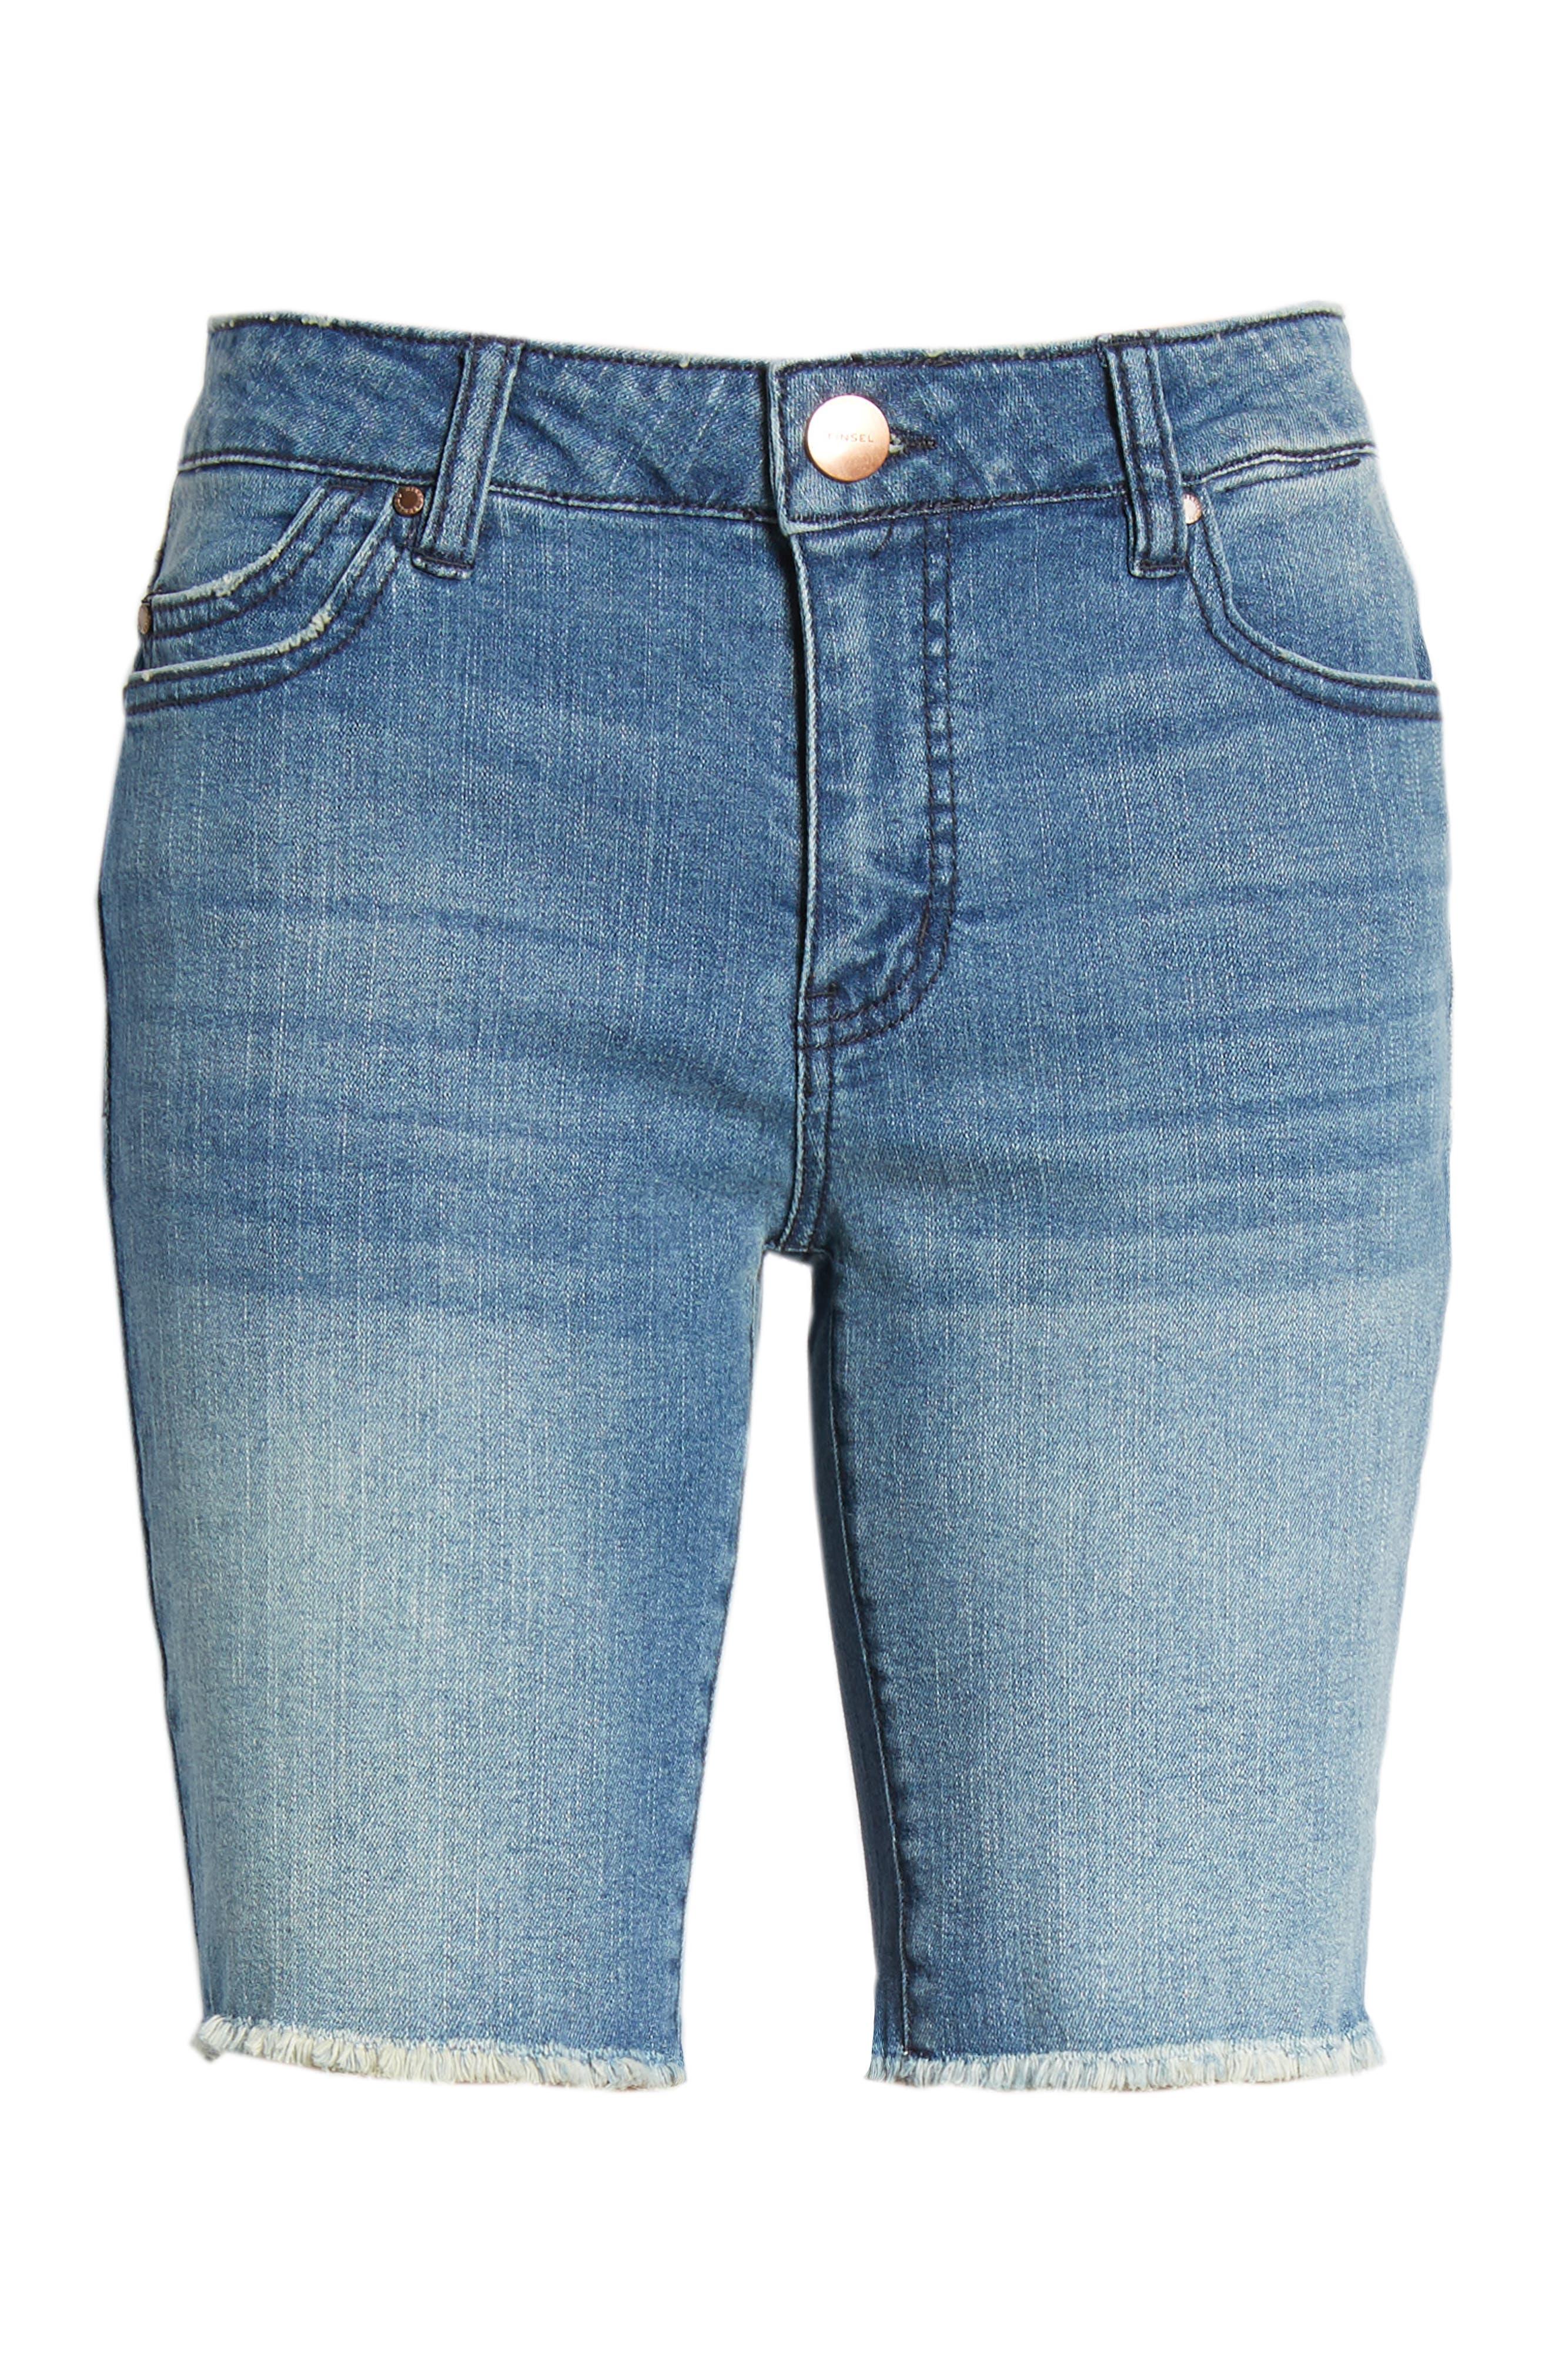 TINSEL,                             Fray Hem Denim Bermuda Shorts,                             Alternate thumbnail 7, color,                             400